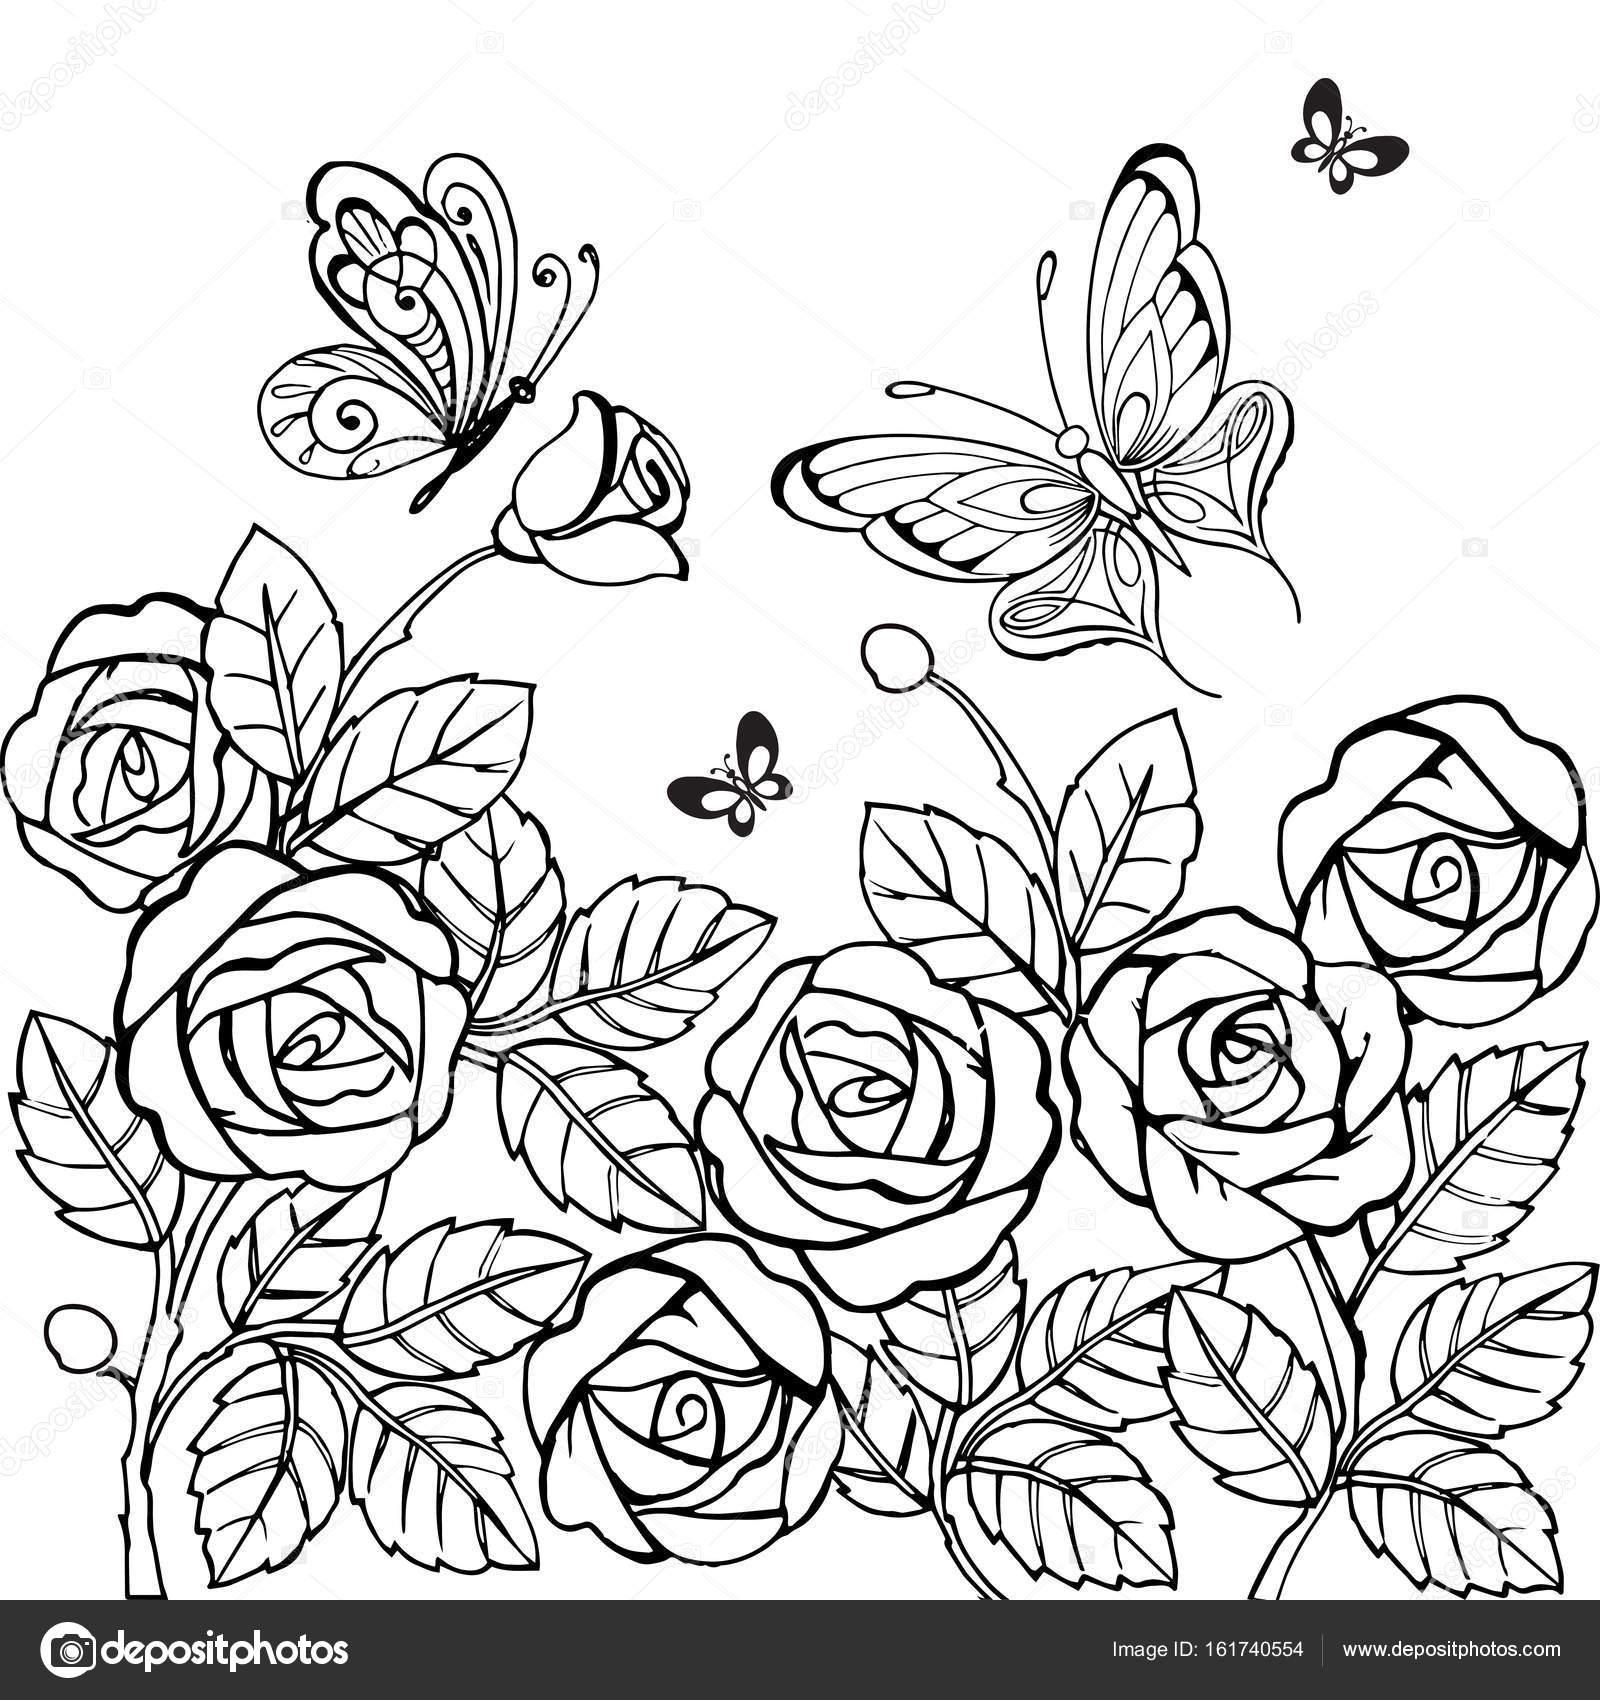 Adorno de flores vintage de rosas con mariposas para anti Stresa ...